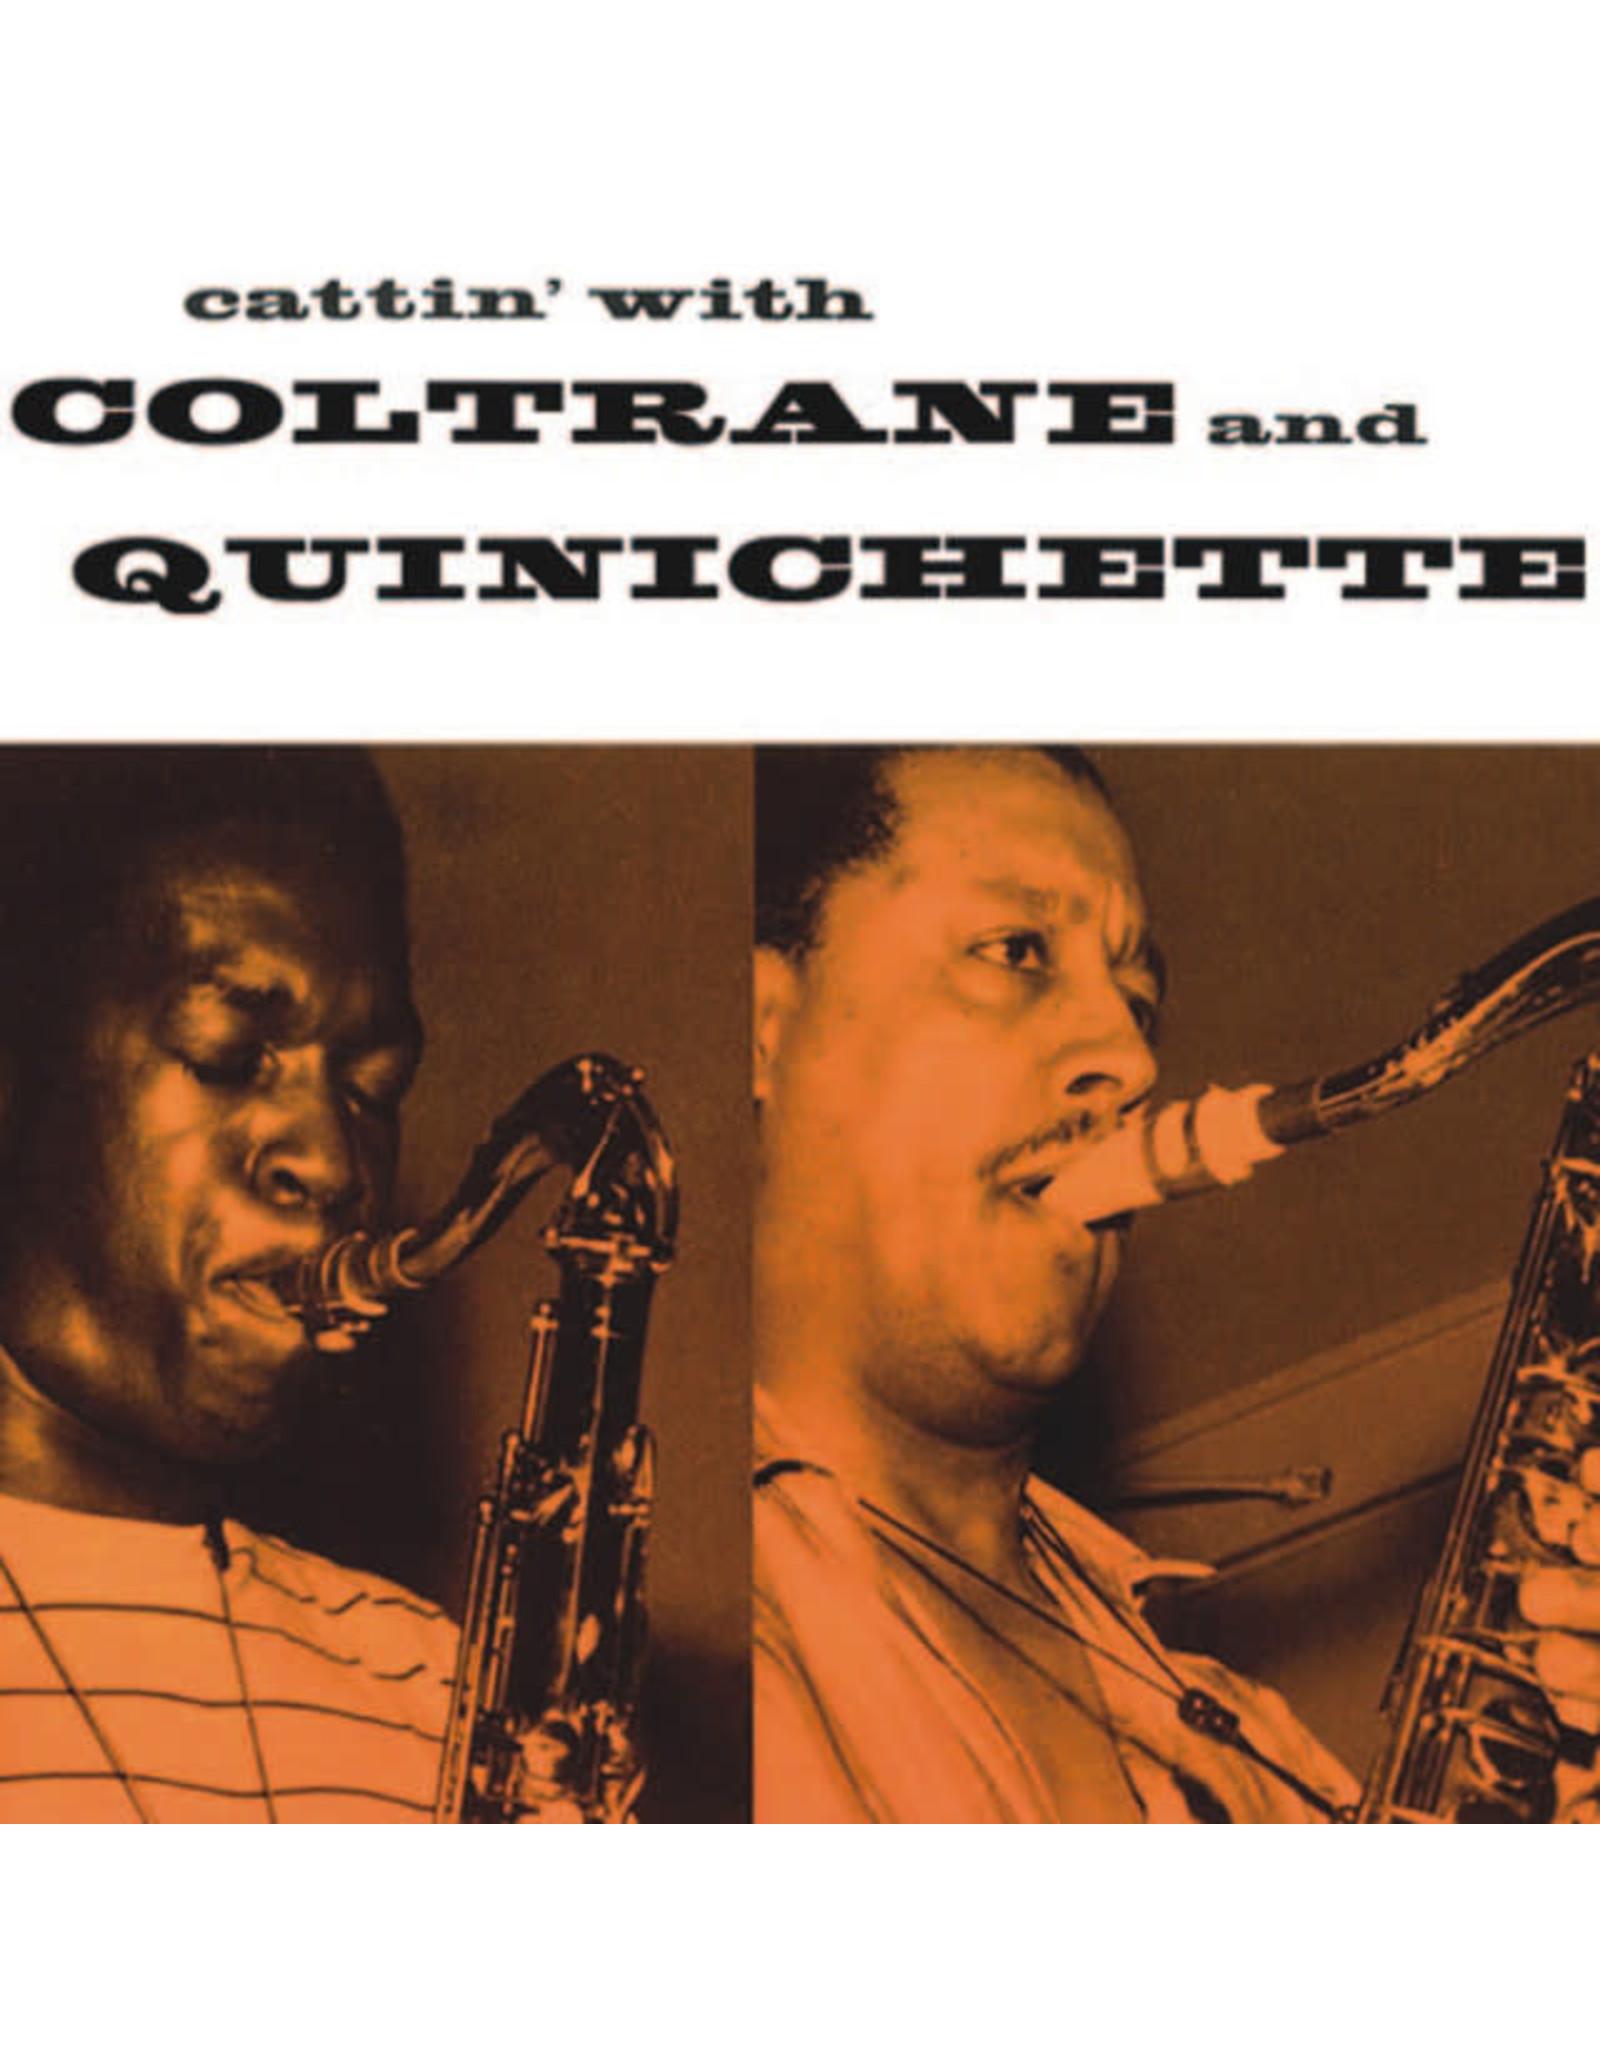 Vinyl John Coltrane - Cattin' With Coltrane and Quinichette.    Final Sale